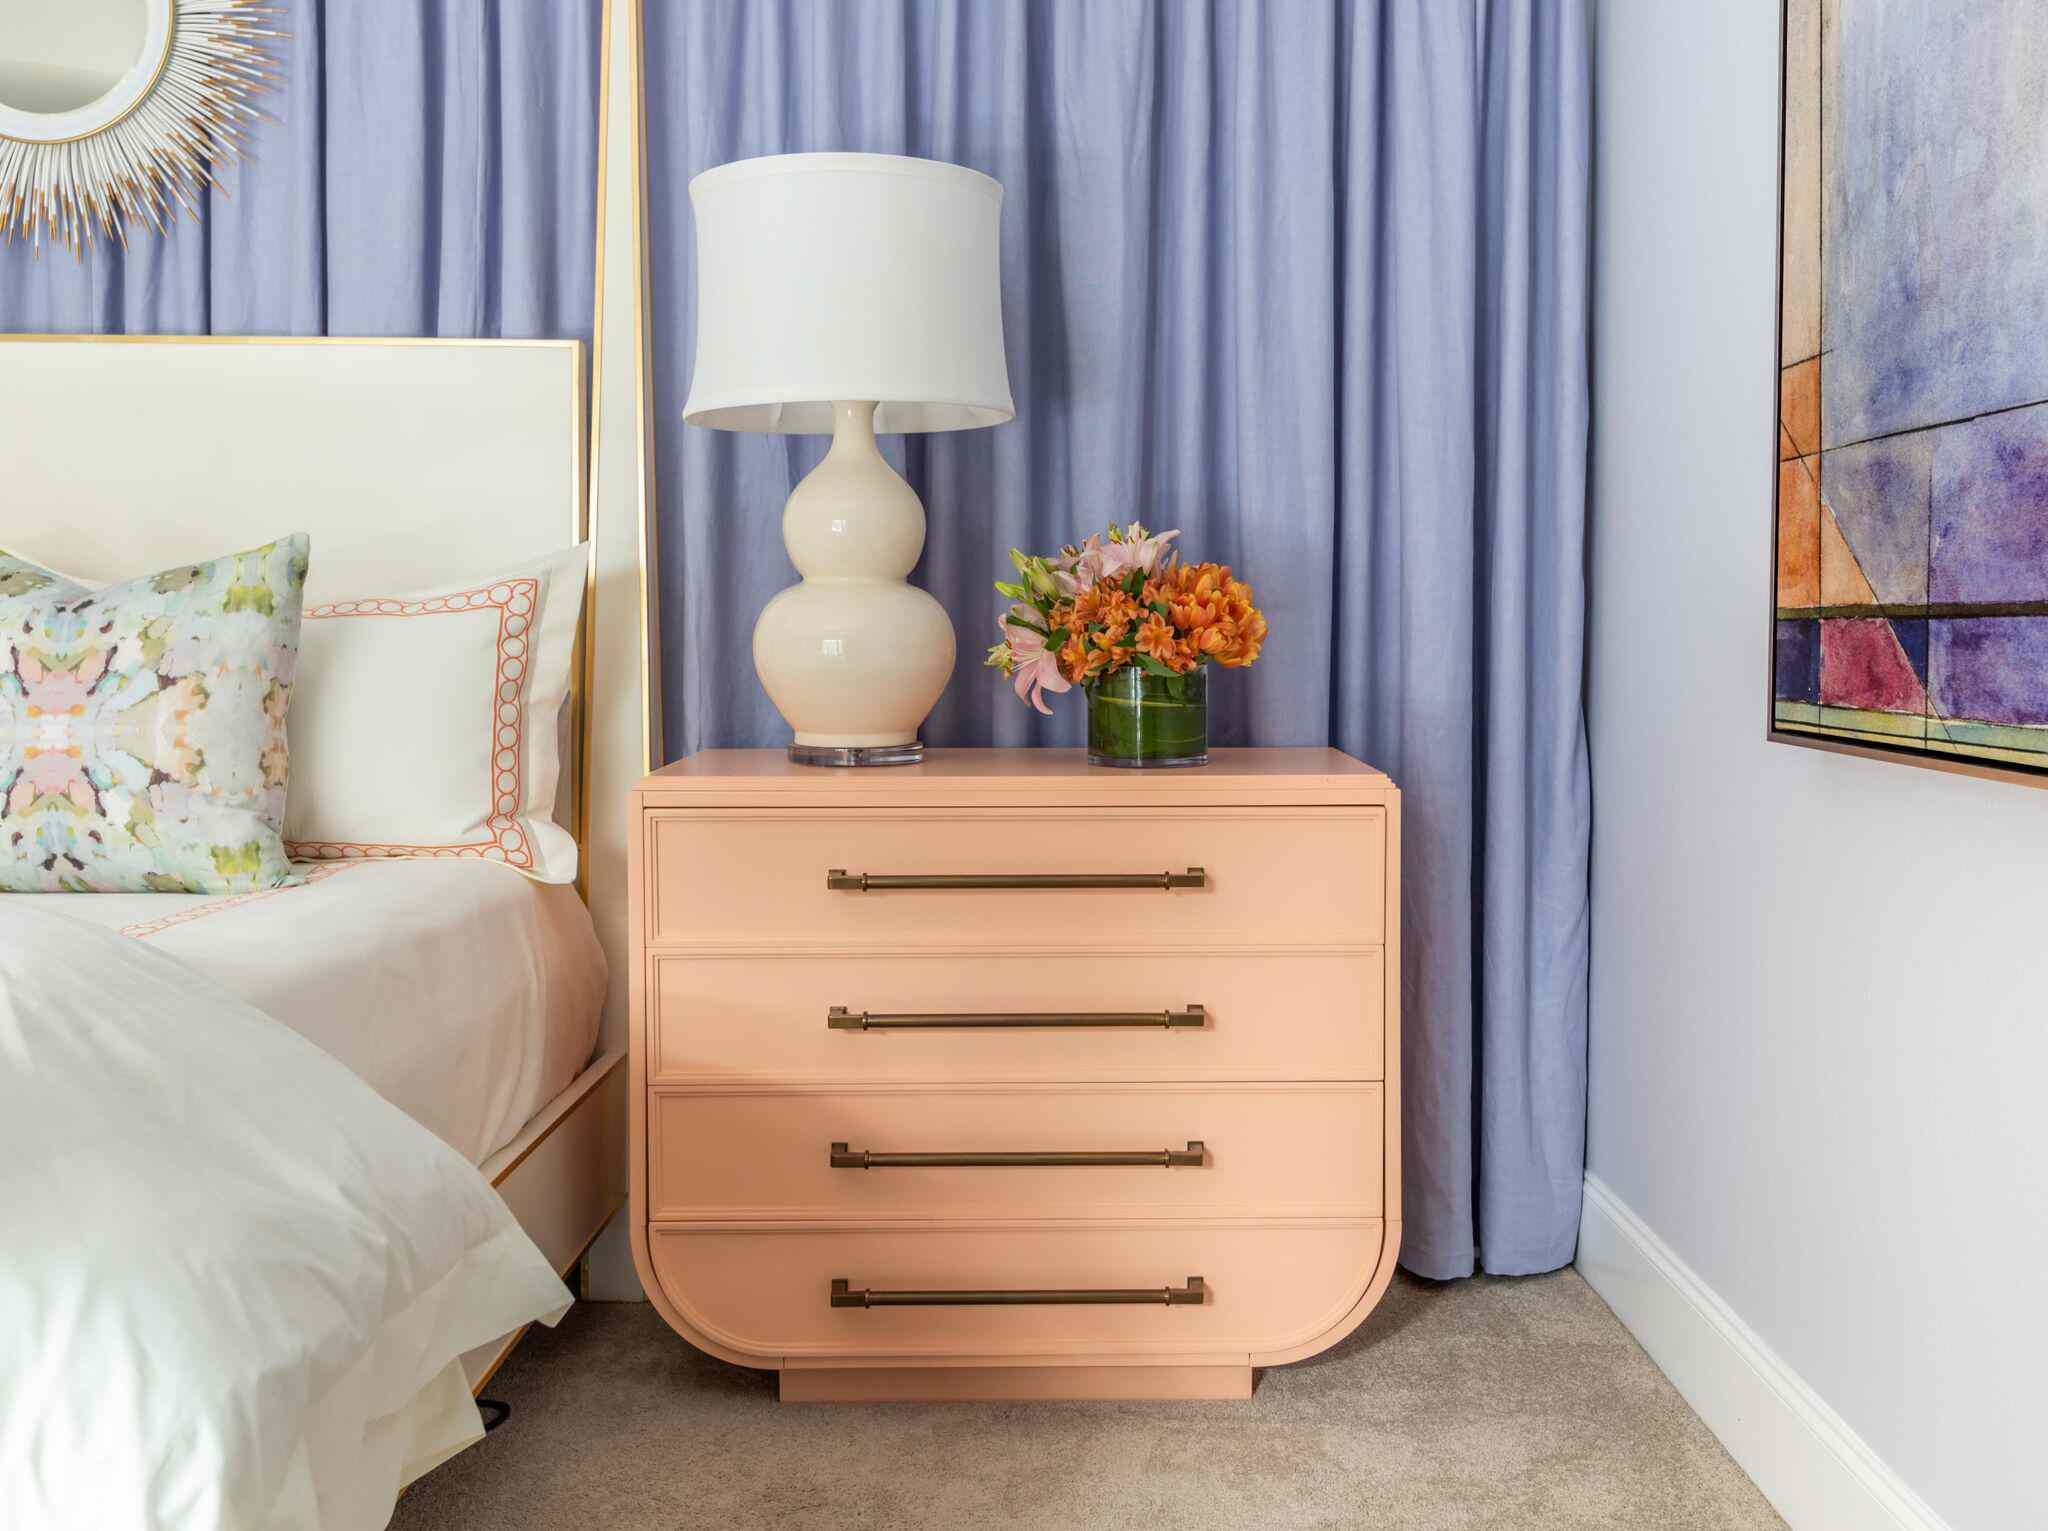 light coral dresser in colorful bedroom